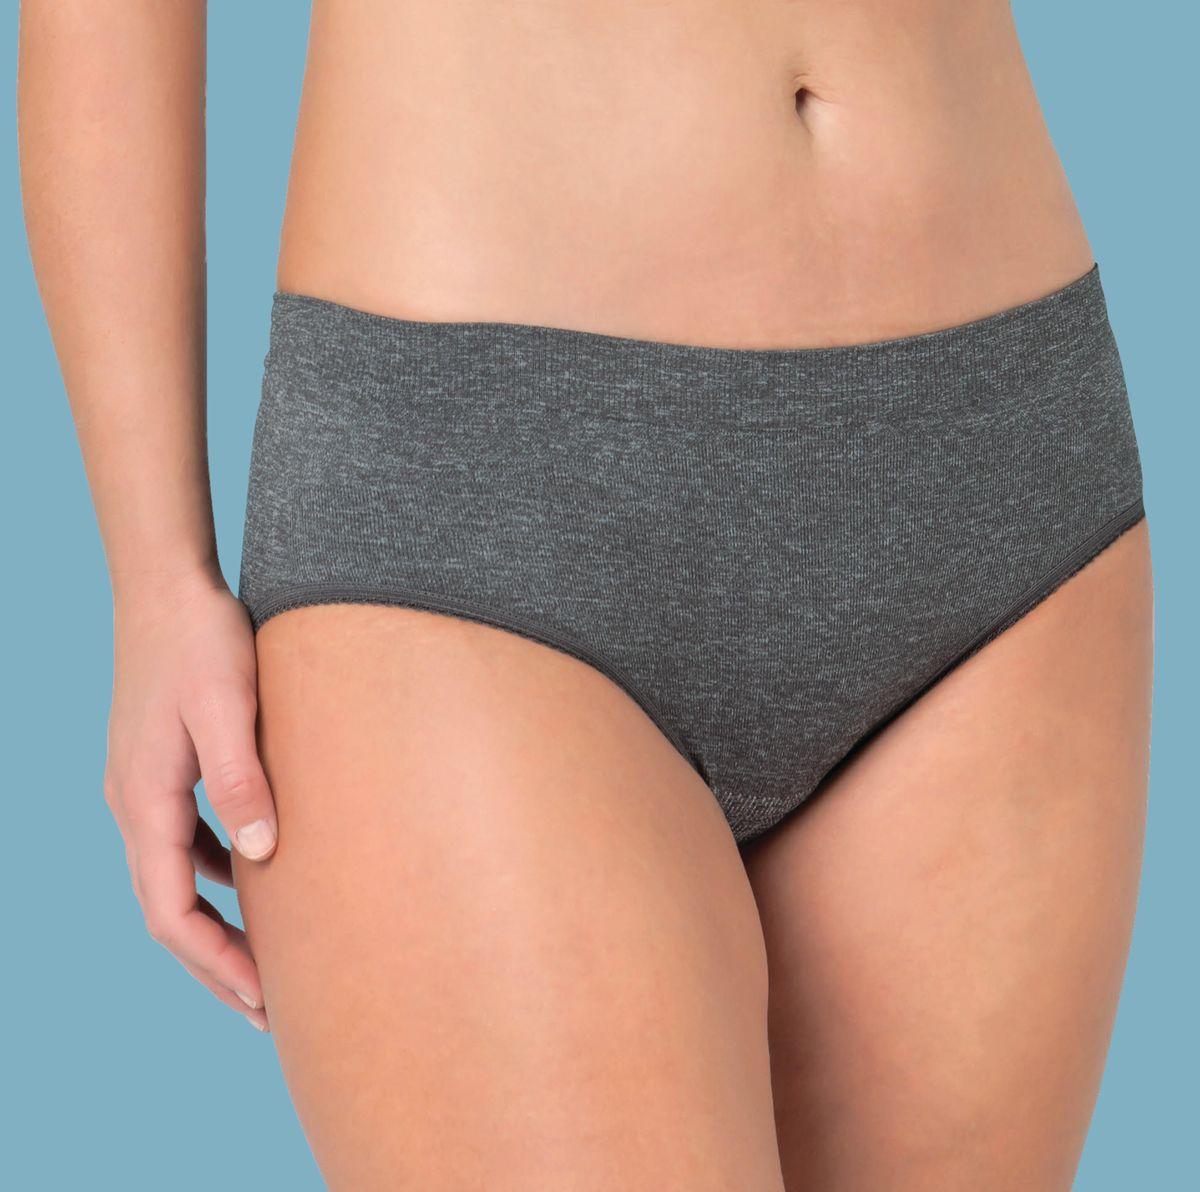 Трусики специальные для беременных Carriwell, бесшовные, цвет: серый меланж. 430. Размер L (46)430Самые удобные поддерживающие трусики для беременных!Во время беременности, когда комфорт важнее всего, бесшовные трусики Carriwell с легкой поддержкой именно то, что вам необходимо. Вырезы для ног сделаны особенно эластичными, а верхняя часть обеспечивает легкую поддержку для живота и поясницы. Легкая поддержка в нижней части живота и спины снимает мышечное напряжение. Особенно эластичный материал в области вырезов для ног и на животе позволяет трусикам приспосабливаться к размеру вашего тела по мере его изменений. Изготовлены из очень мягкой дышащей микрофибры, не раздражающей кожу. Бесшовные трусики прекрасно сидят, не скатываясь и не задираясь, идеально подходят для ношения под любыми топами и футболками.